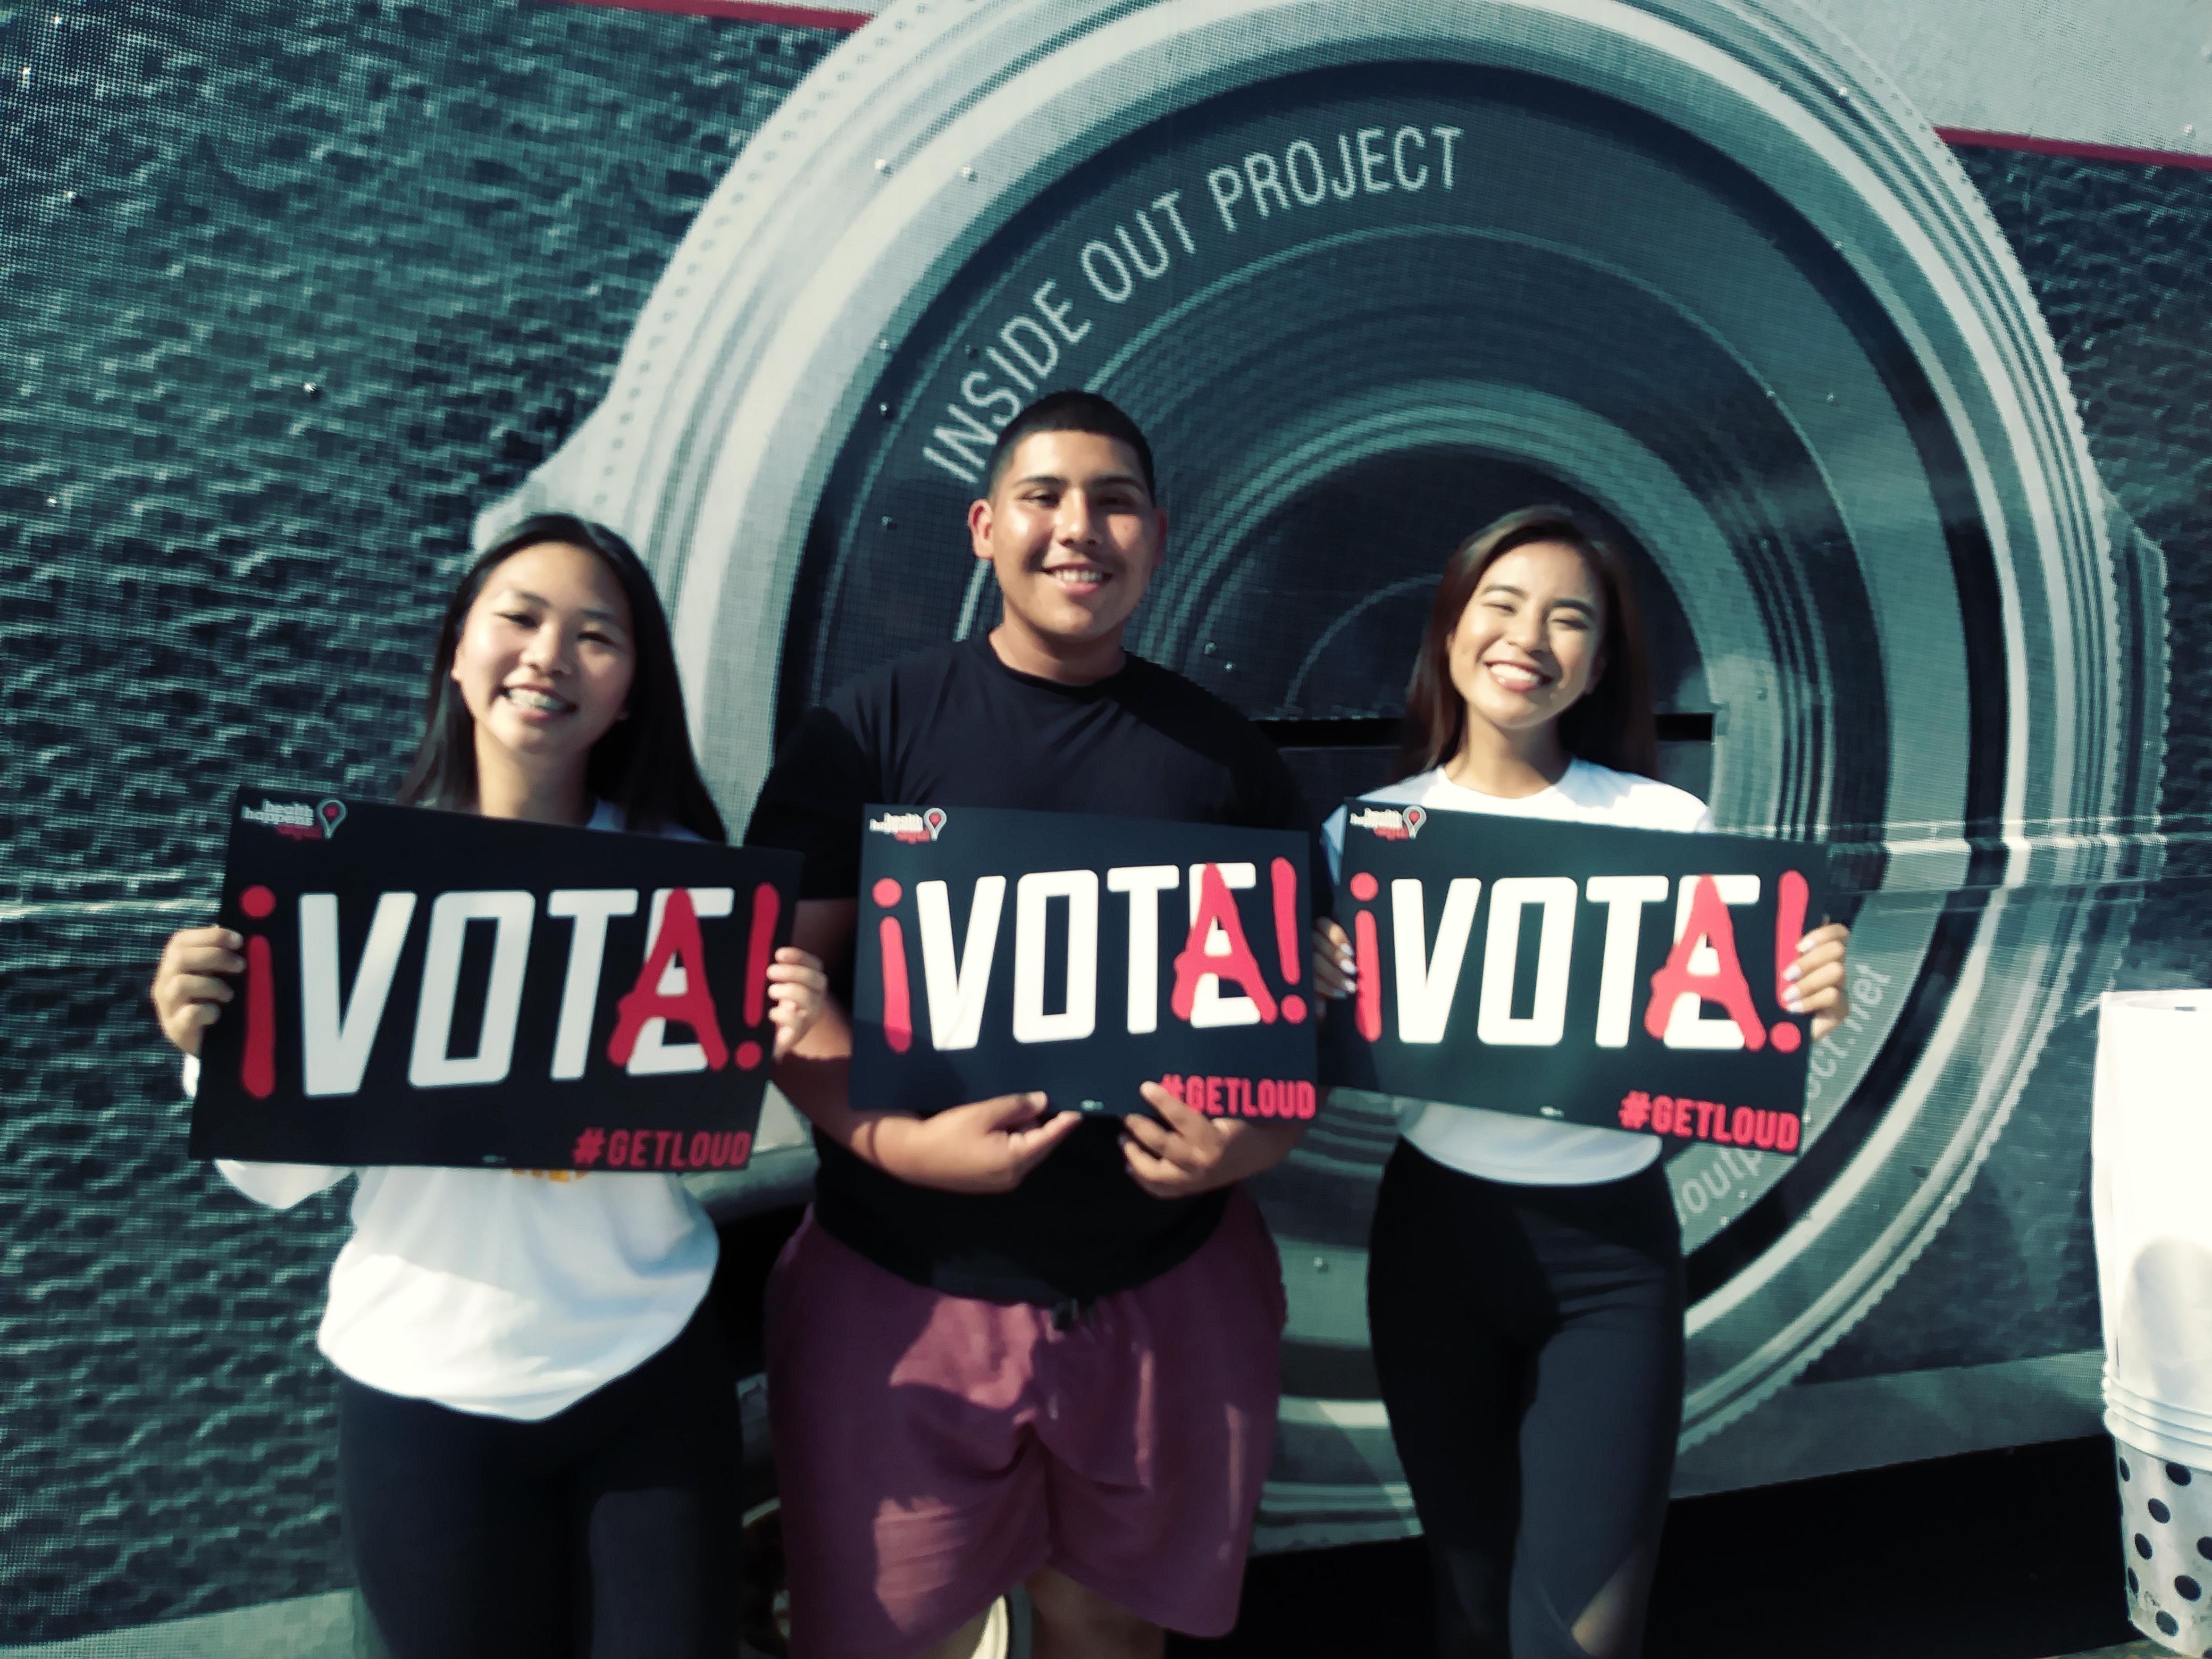 El llamado al voto proviene de y hacia todas las comunidades. De izq. a der.: Leyna Nguyen, Christian Sotomayor y Michelle Le. Foto: David Torres/America's Voice